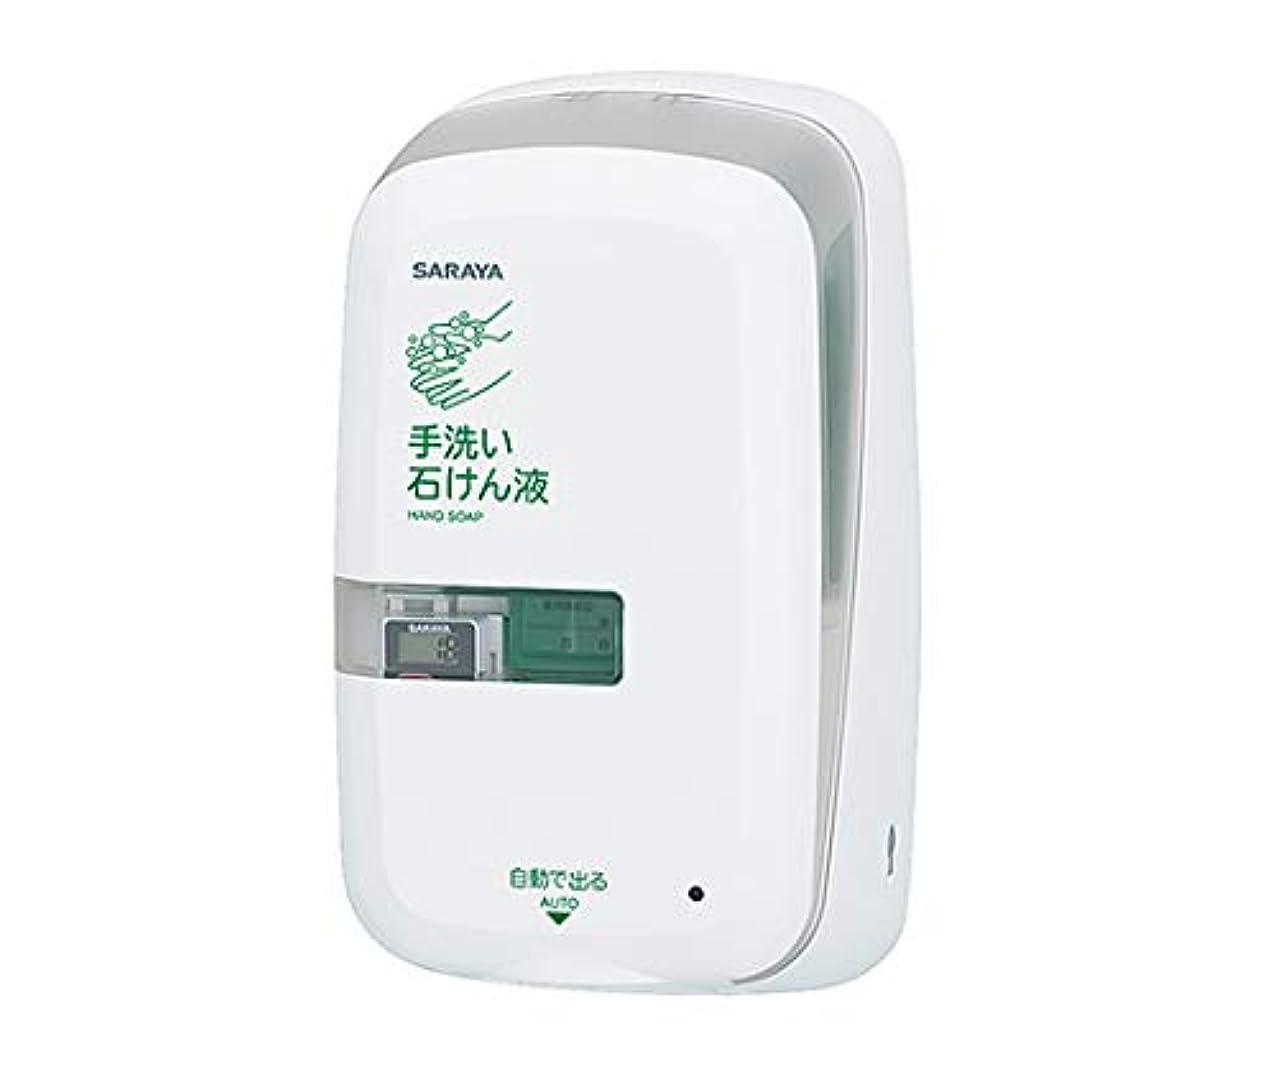 から聞くご予約傾向がありますサラヤ ディスペンサー UD-9600S センサー式 41791